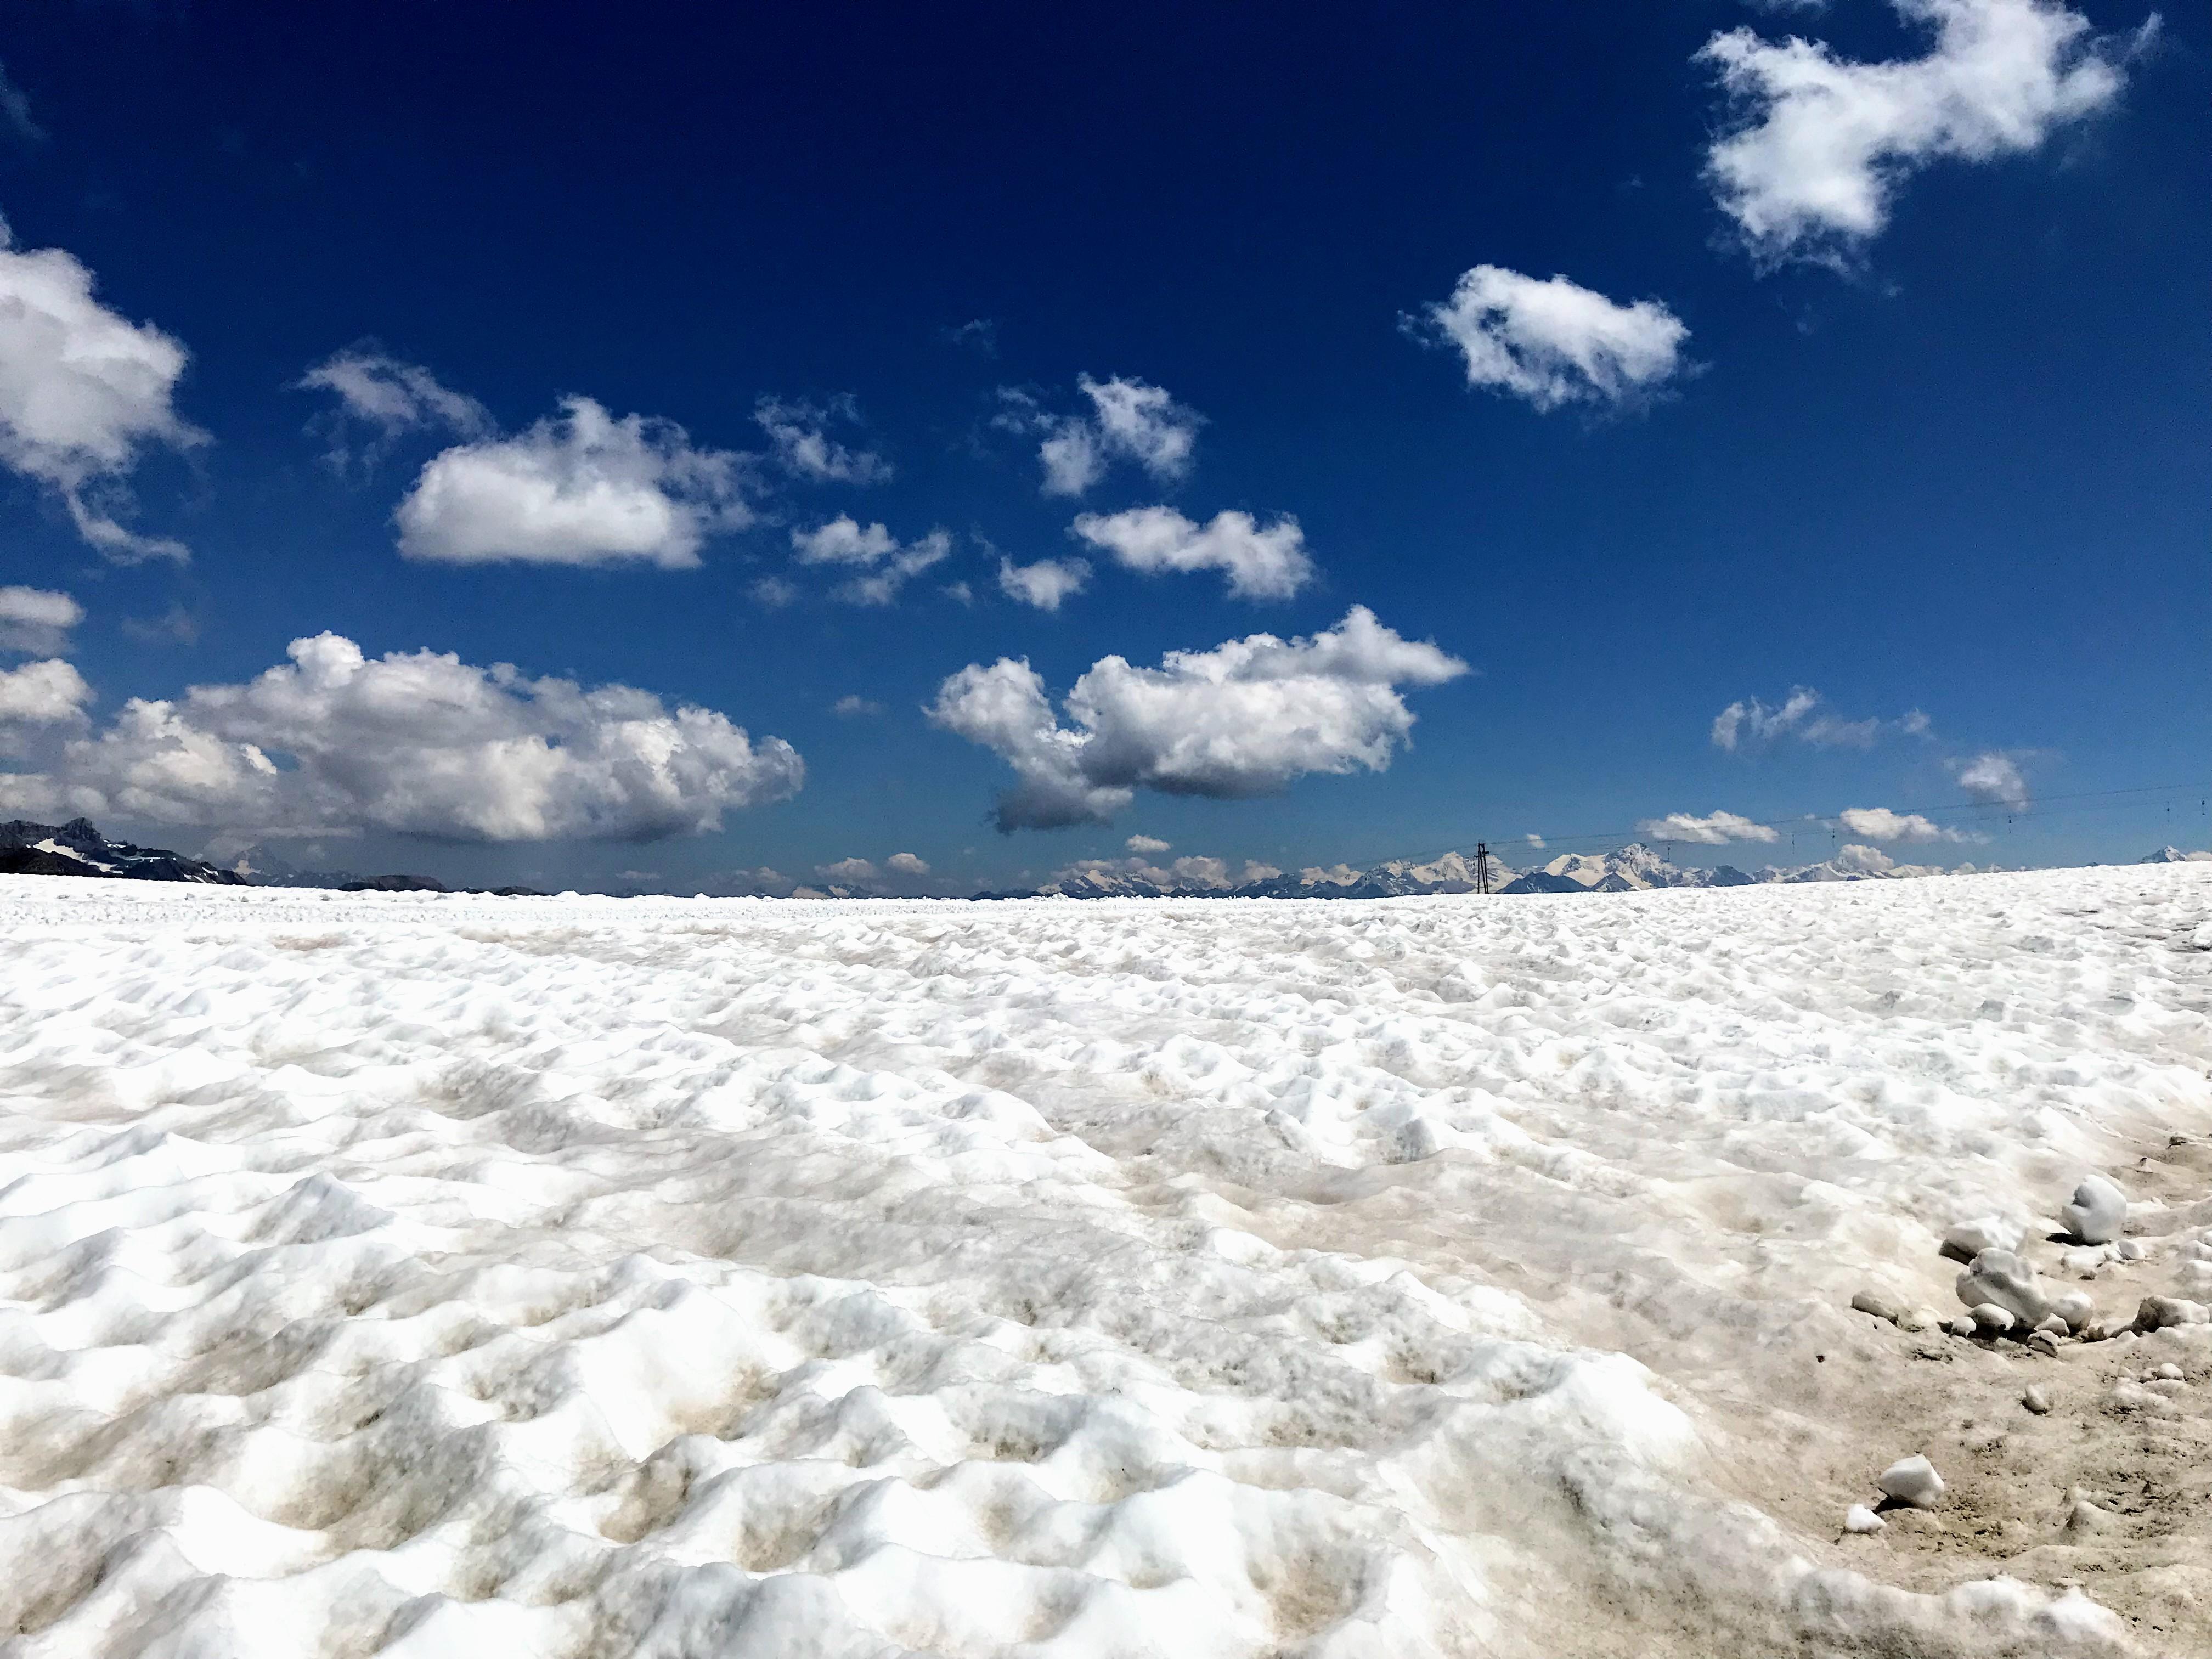 Wandelen op een gletsjer in de zomer - Diablerets Glacier3000